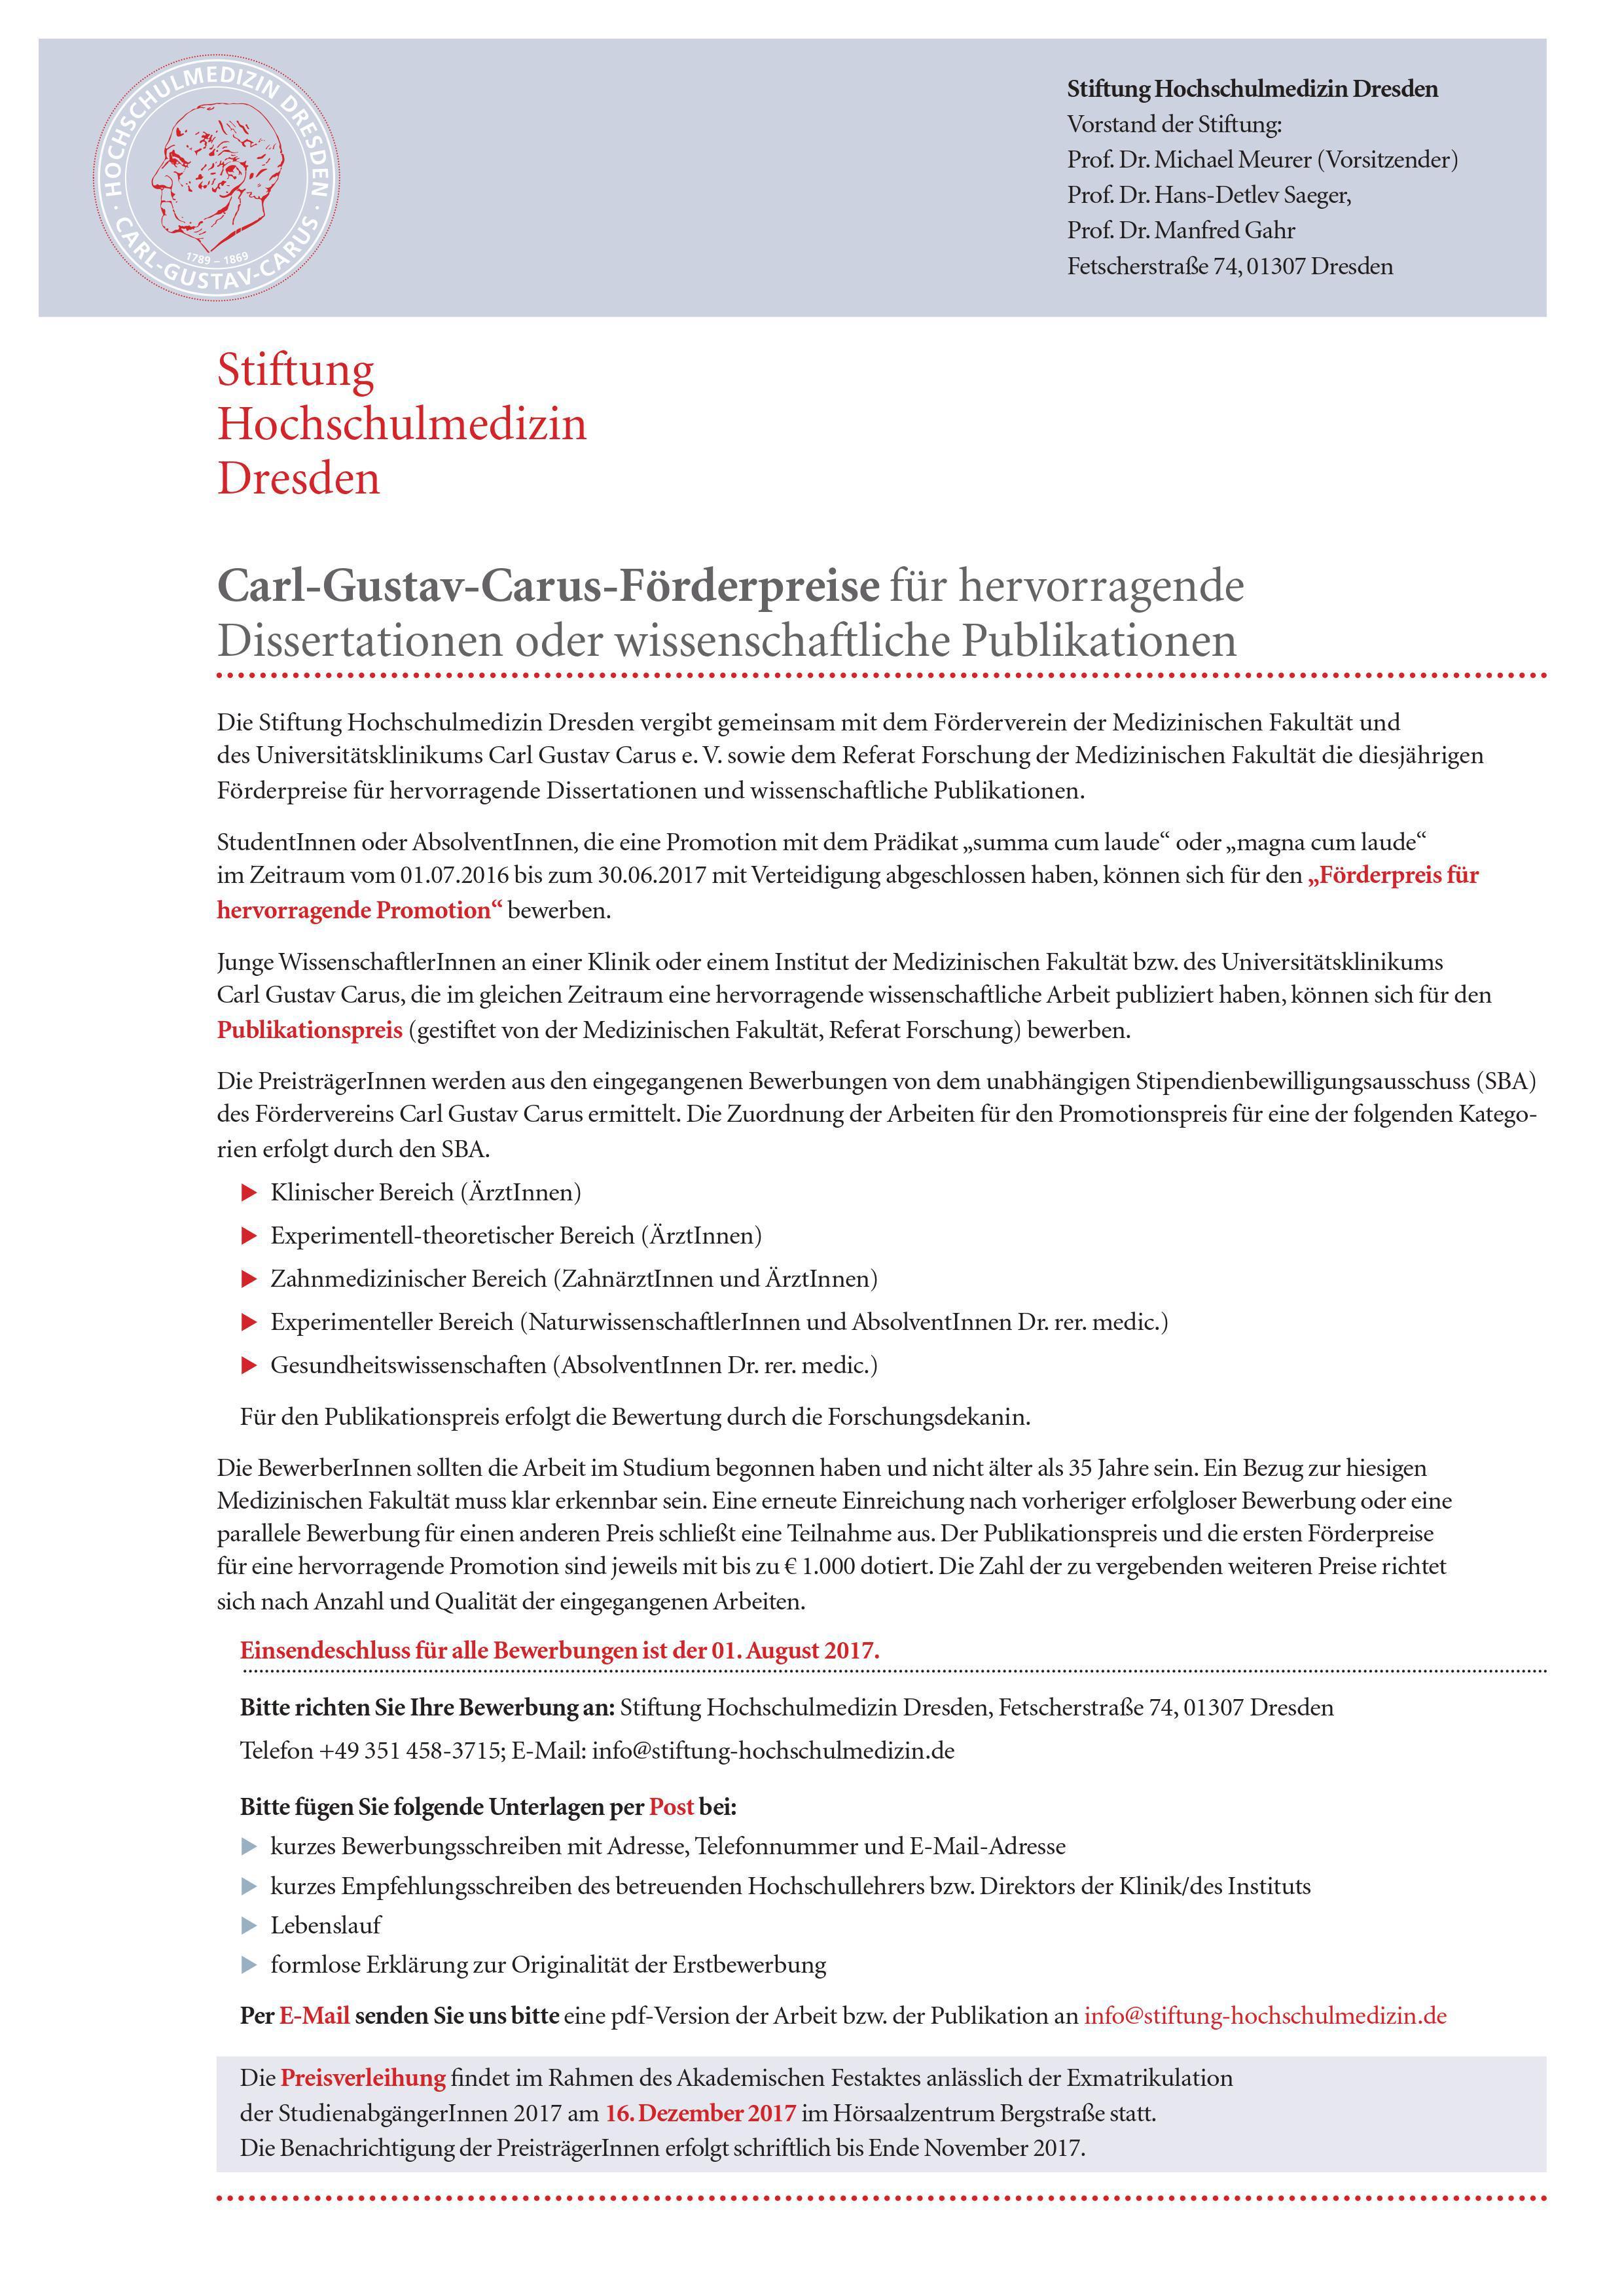 Carl Gustav Carus Förderpreise Für Hervorragende Dissertationen Oder